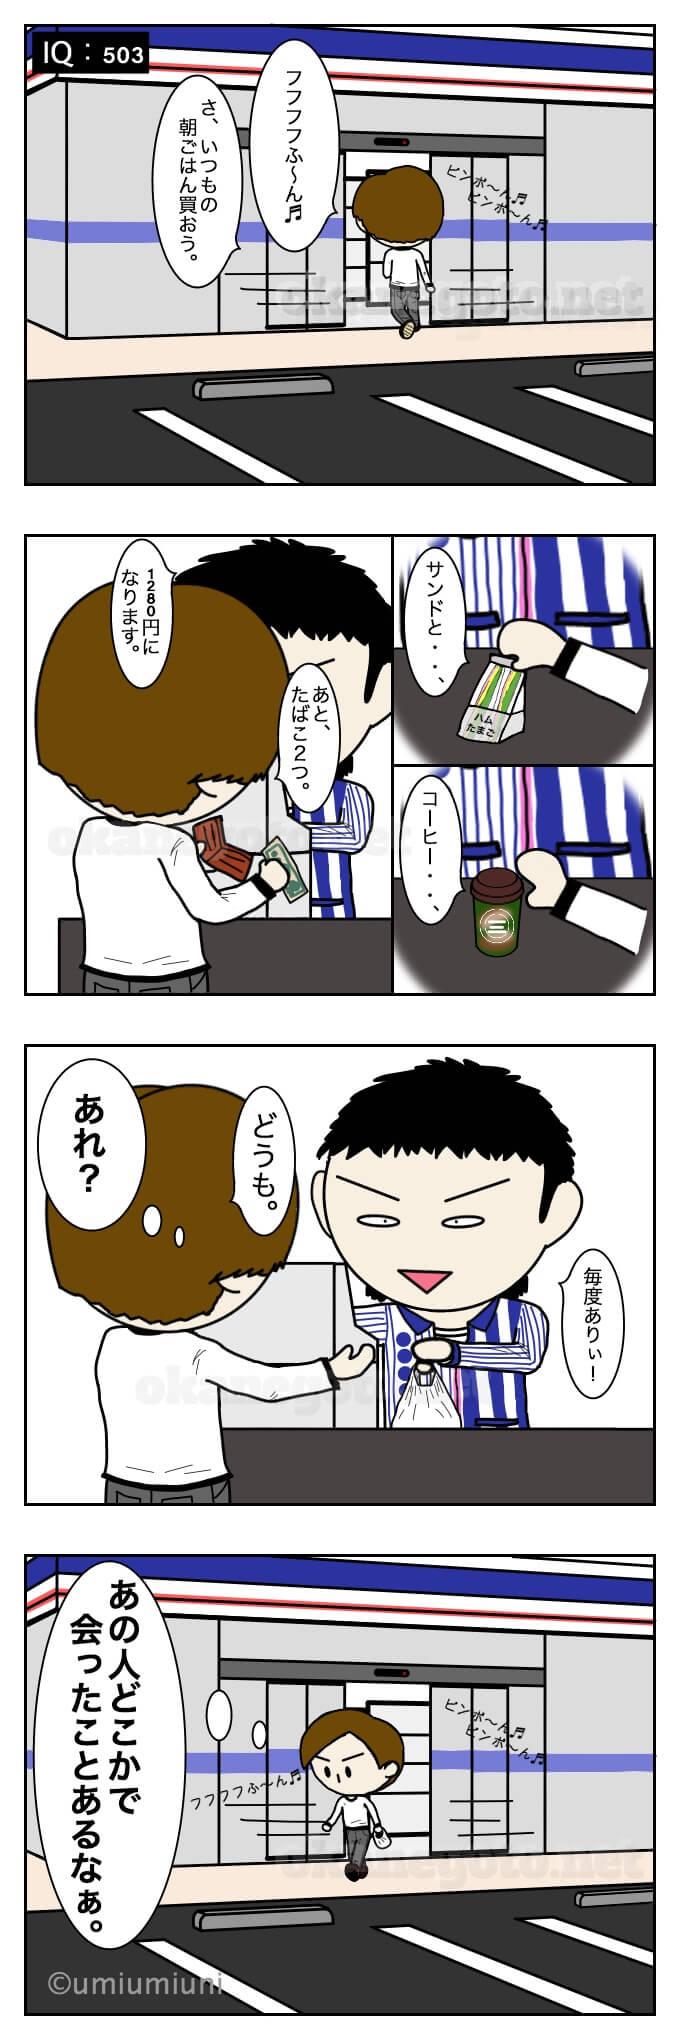 一日コンビニで3千円近く使う夫!!